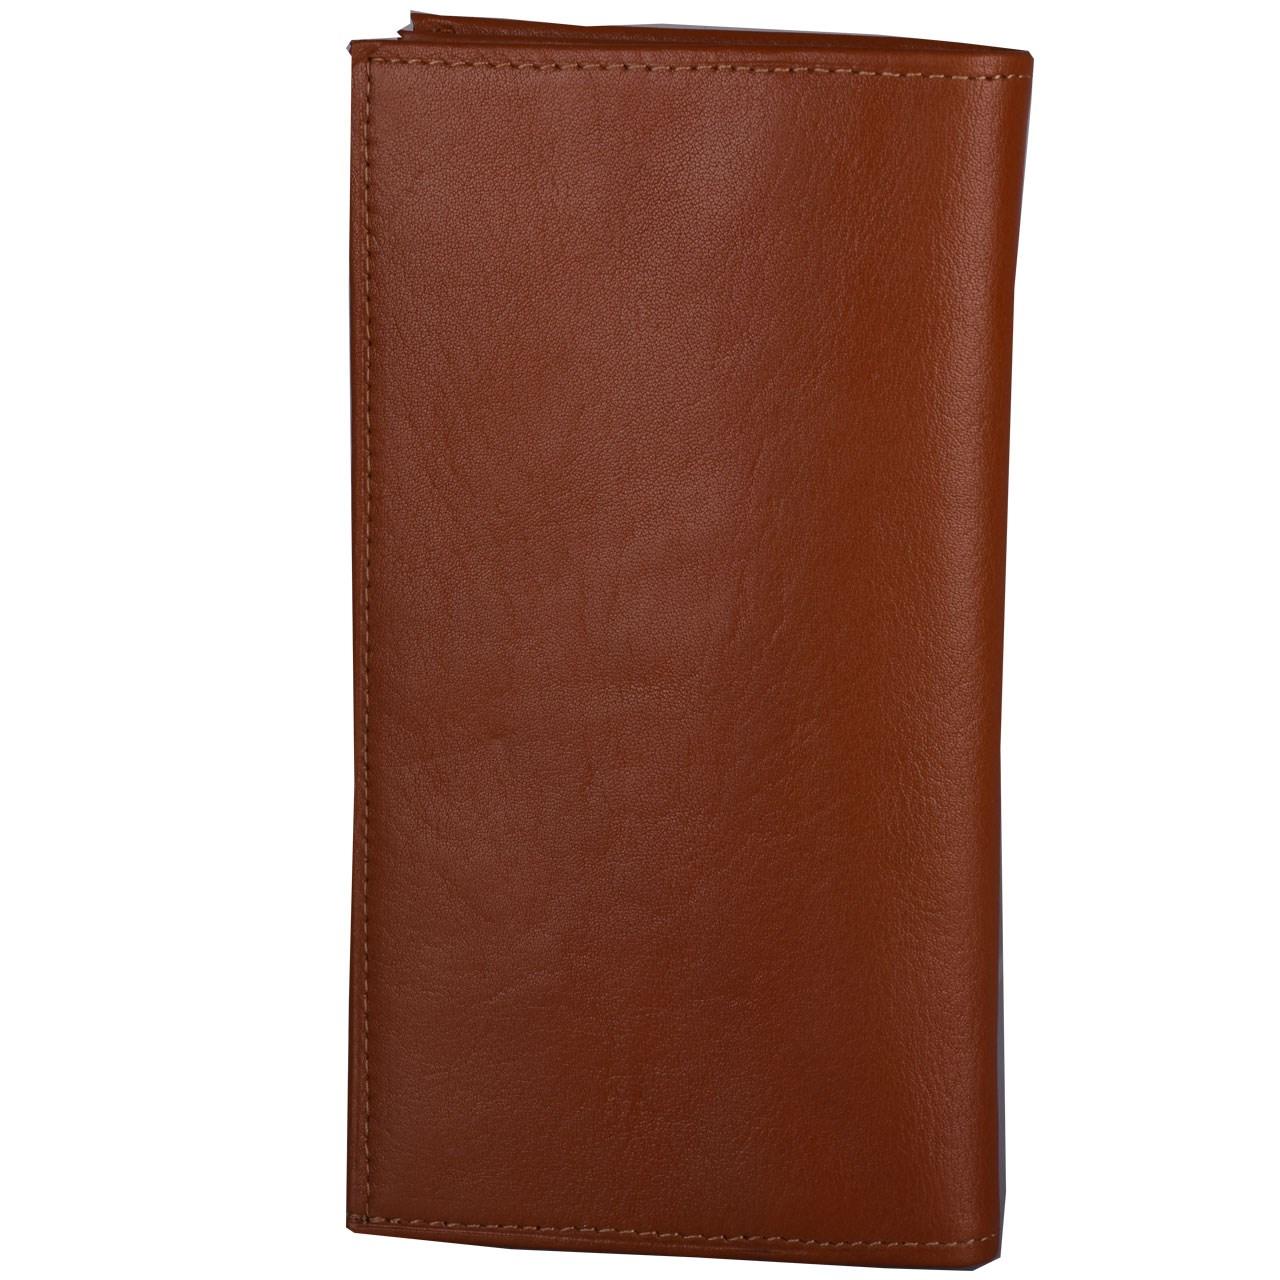 کیف پول چرم طبیعی کهن چرم مدل LW8-1